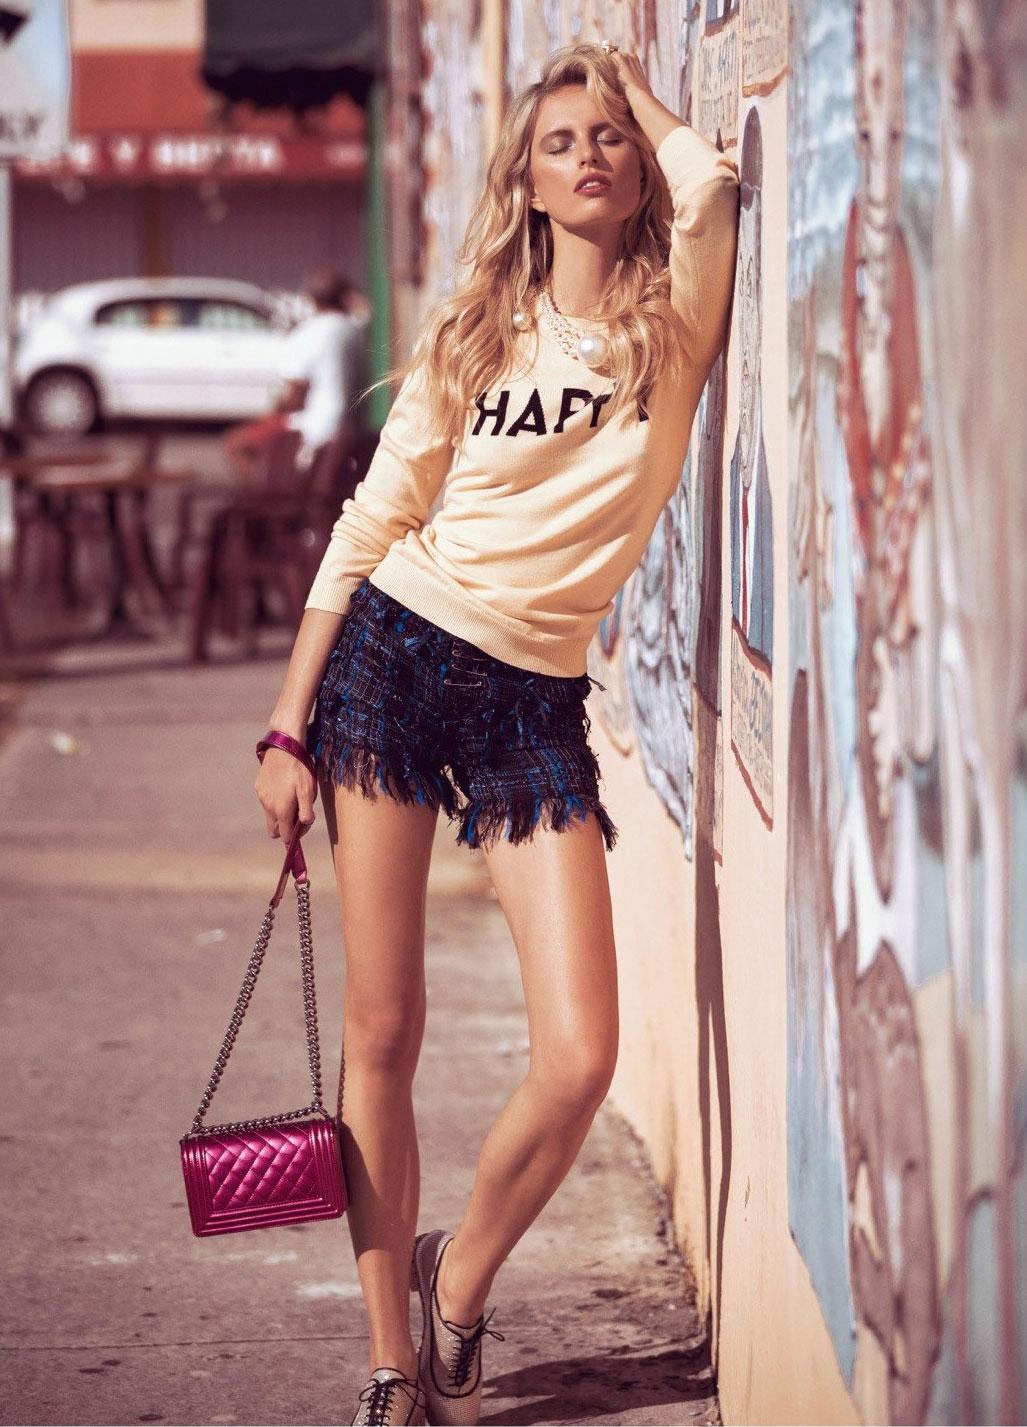 Karolina Kurkova by Koray Birand / Vogue Mexico april 2014 - photo 09